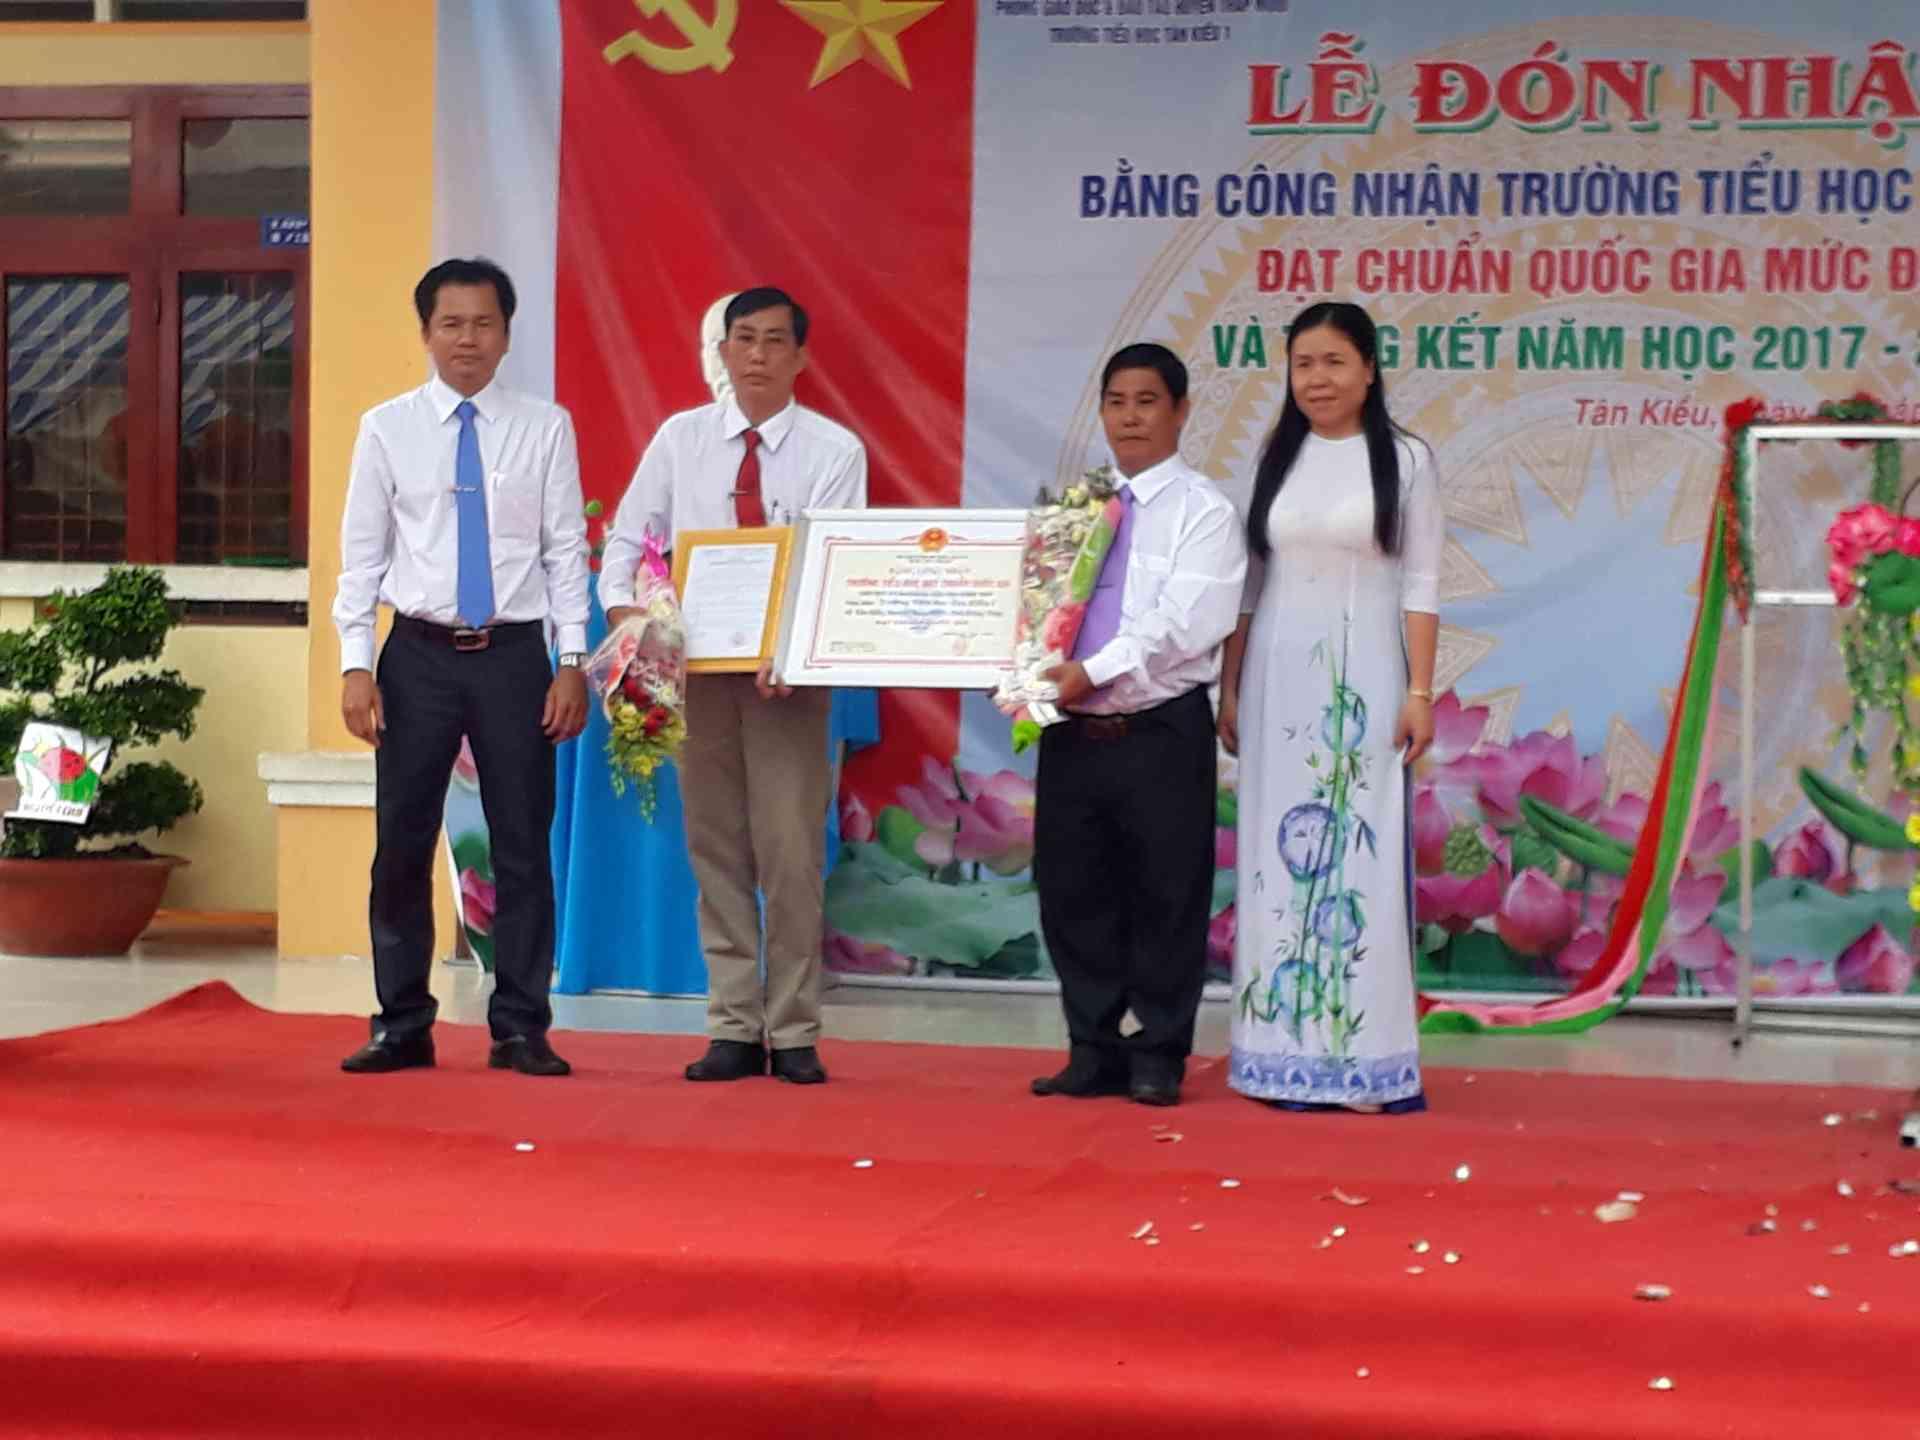 Trao quyết định và bằng công nhận trường đạt chuẩn quốc gia mức độ 1 Ông Trần Văn Lập (bên trái) và bà Ngô Thúy Anh (bên phải)